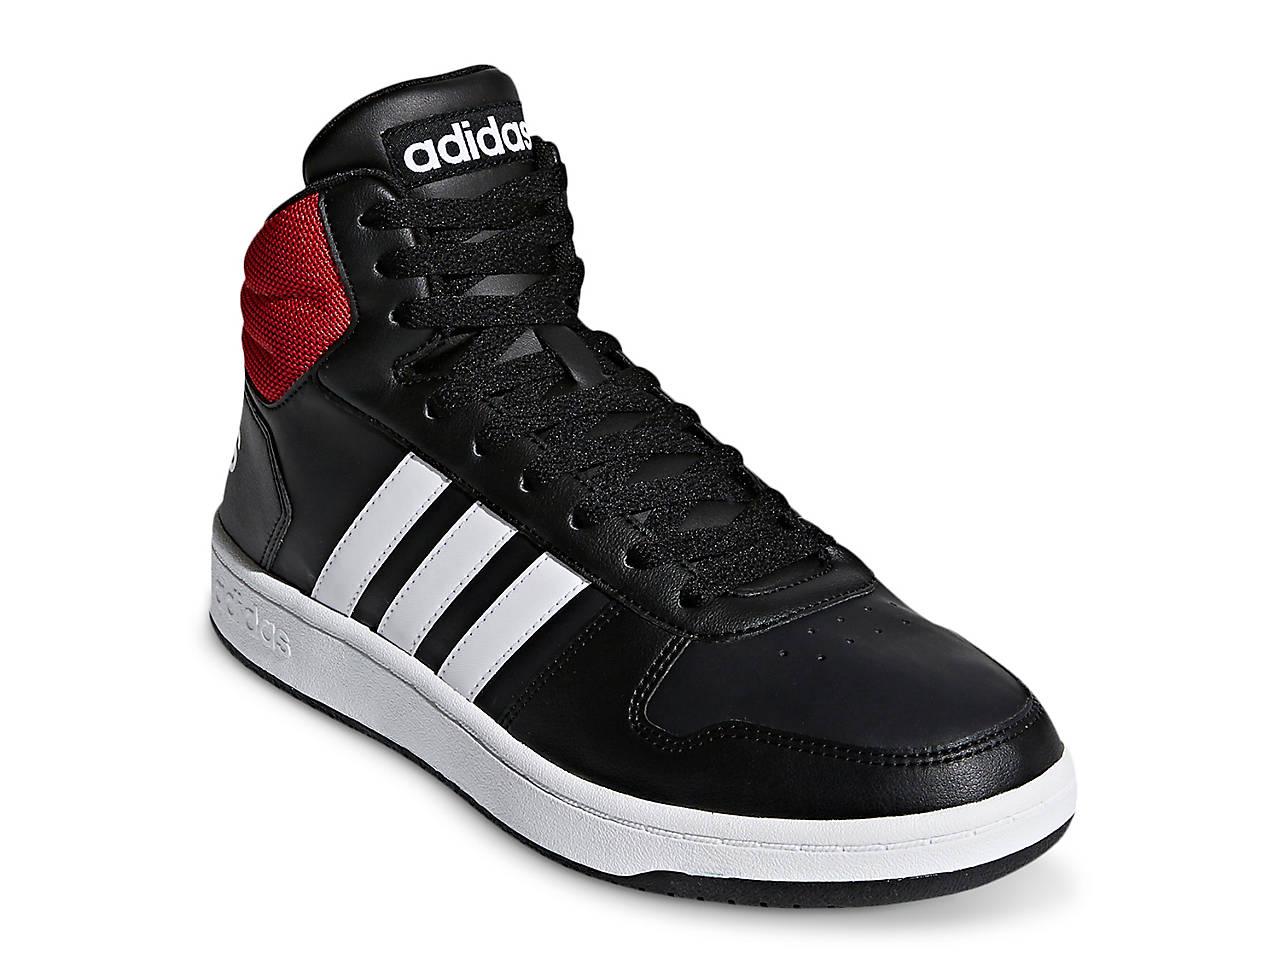 adidas Hoops 2.0 Mid Top Sneaker Men's Men's Shoes | DSW